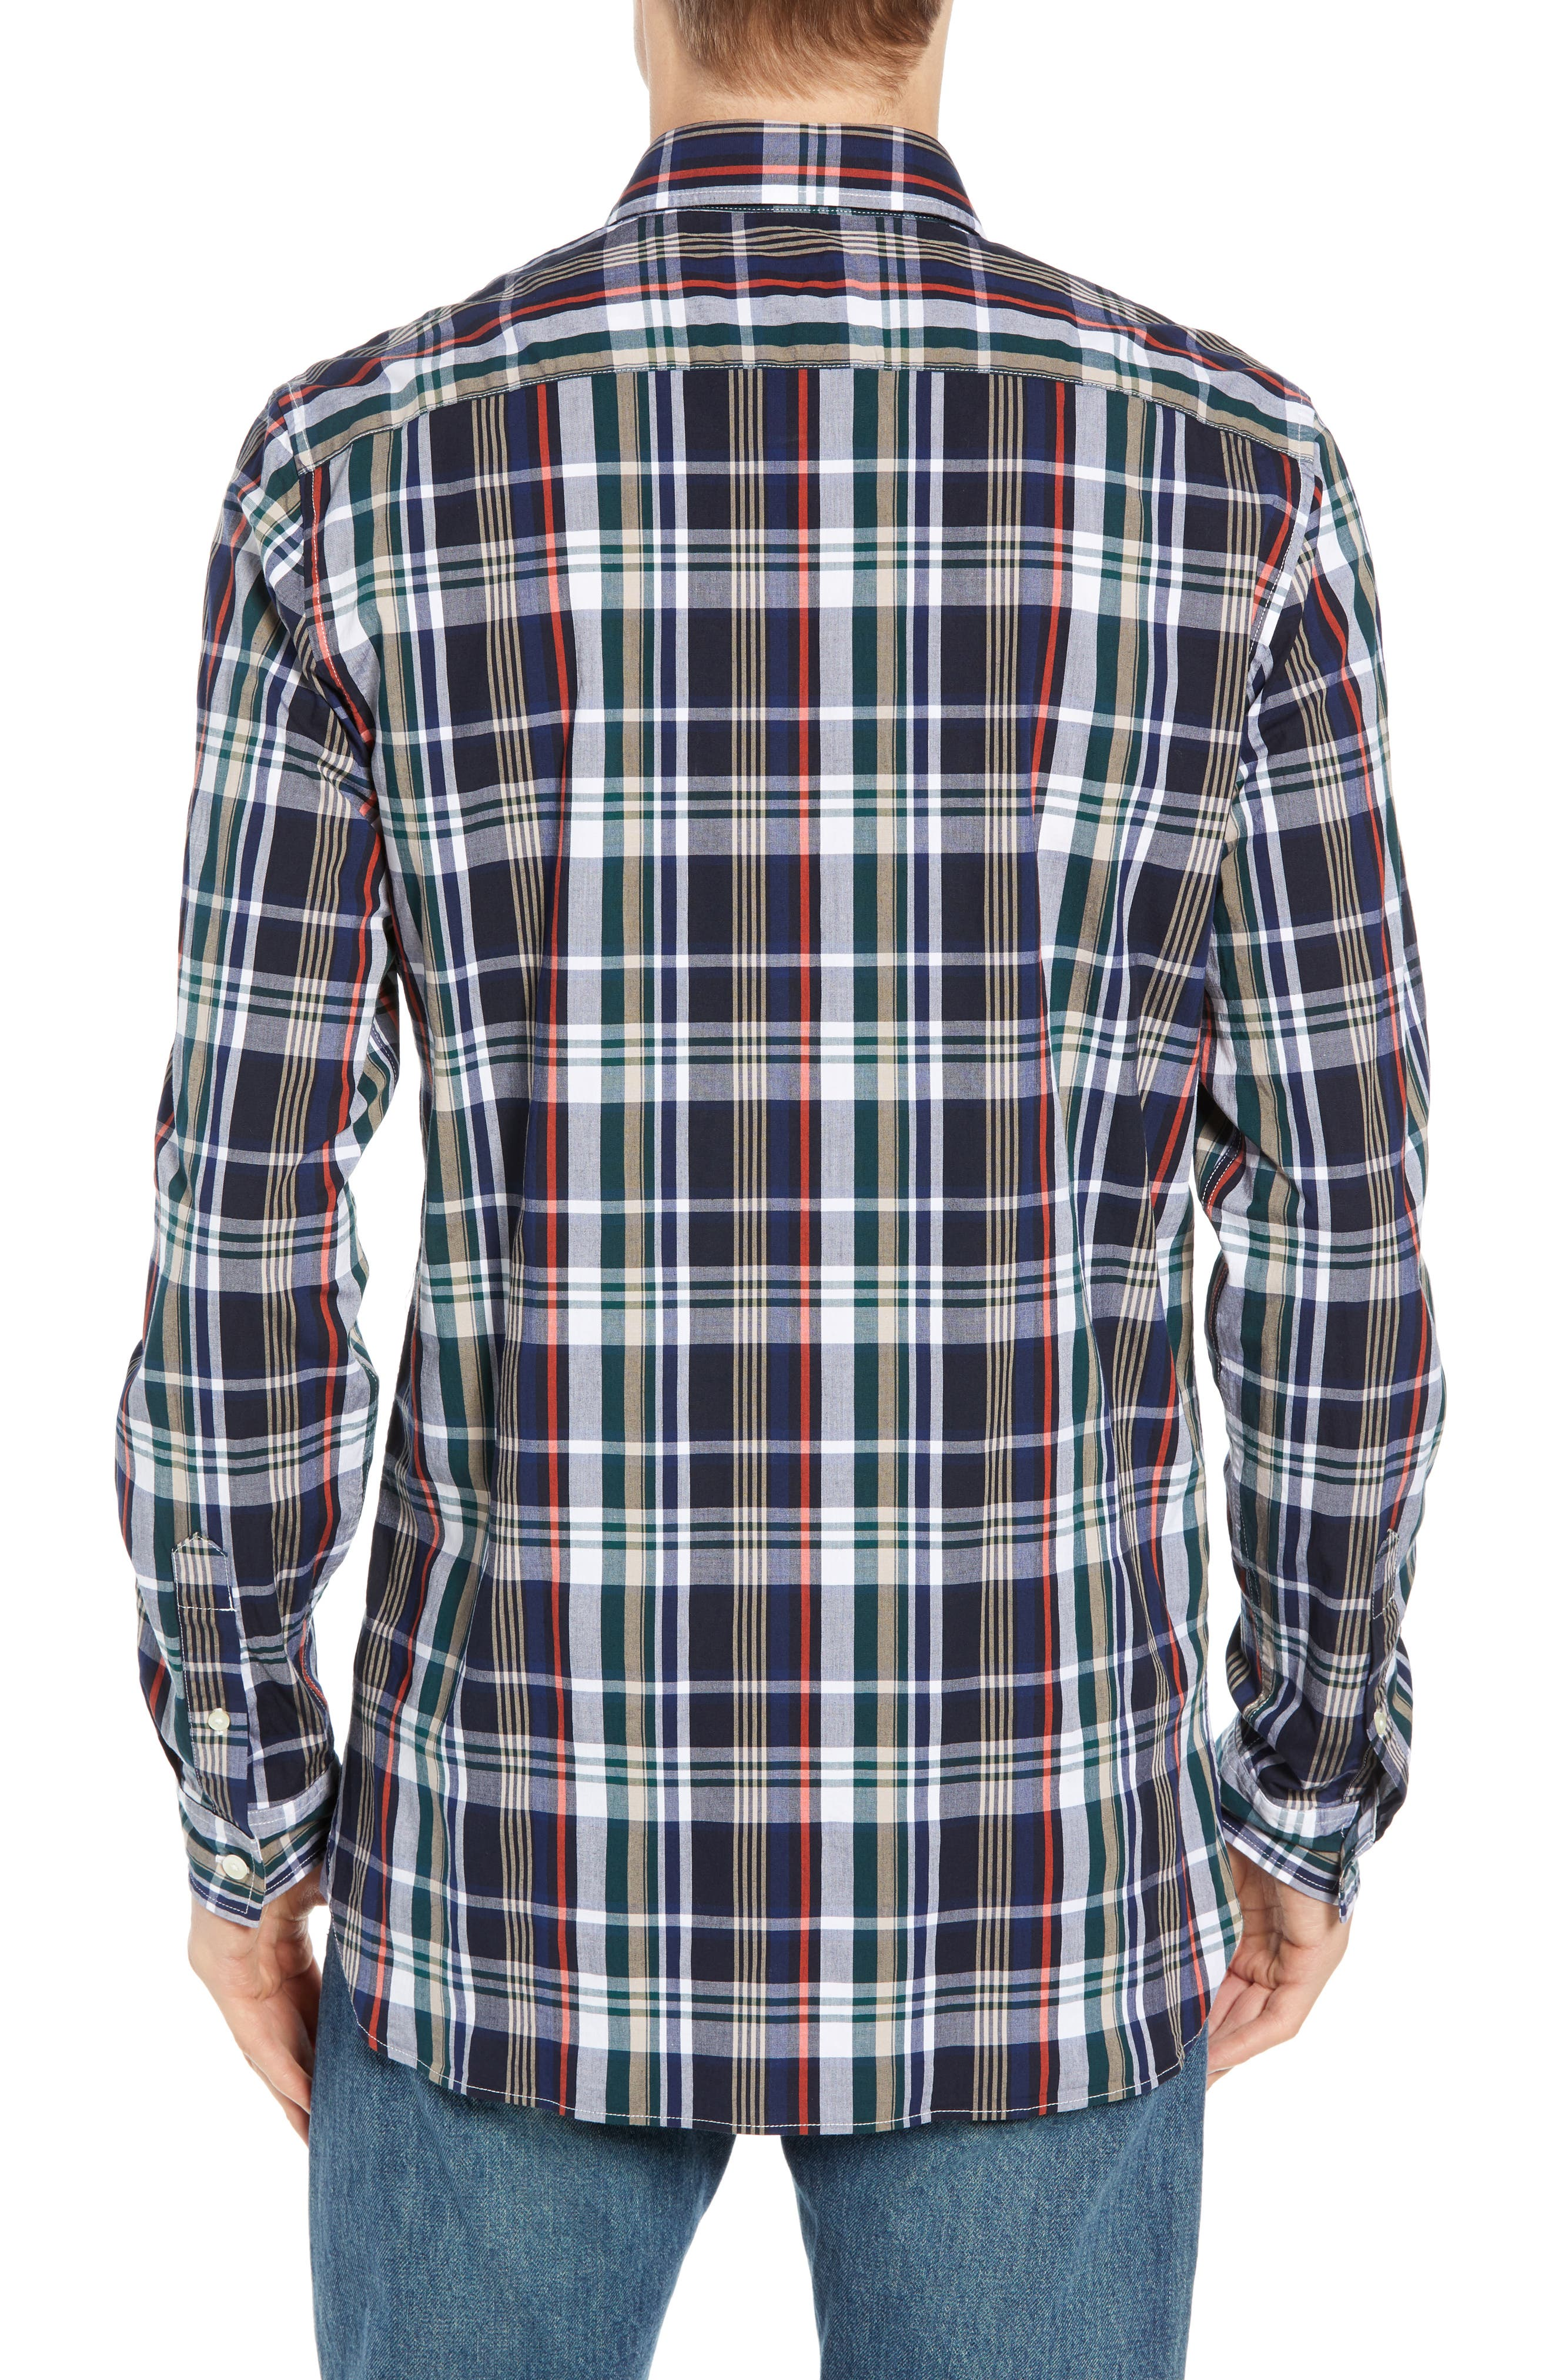 Slim Fit Plaid Sport Shirt,                             Alternate thumbnail 3, color,                             DY5 ACONIT/ MULTICO